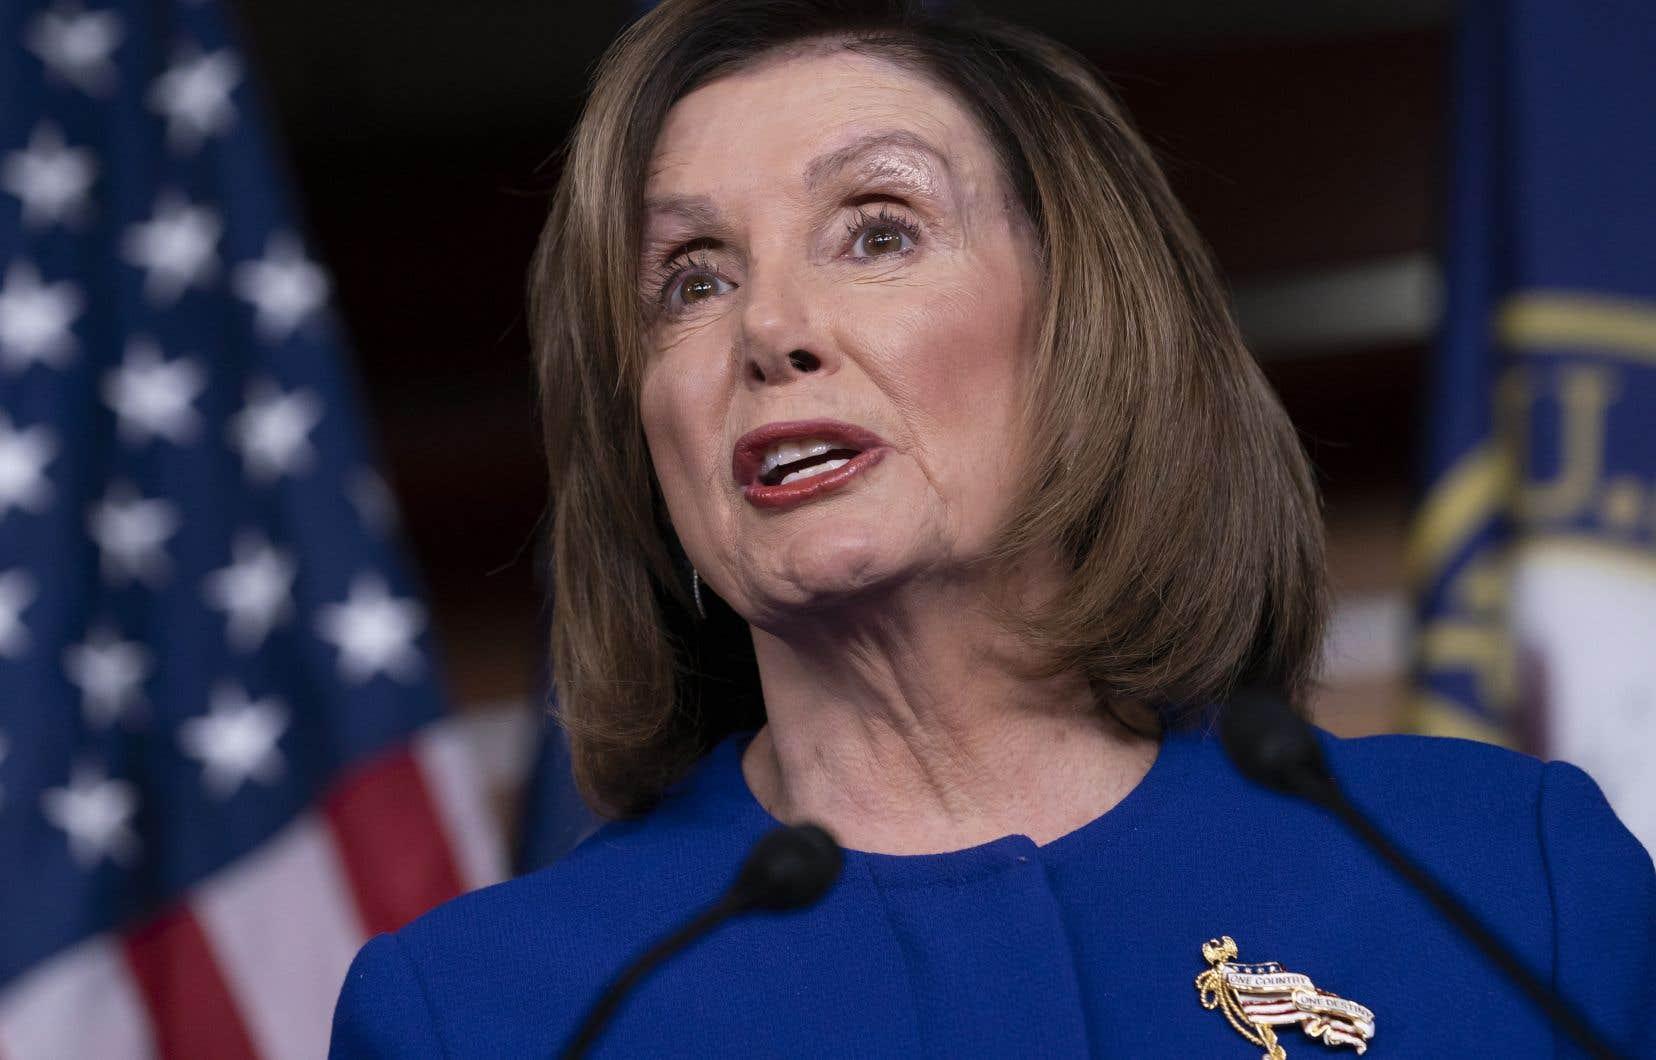 Nancy Pelosi, présidente du Congrès et cheffe des démocrates, a attendu plus de trois semaines avant de mettre en oeuvre l'envoi de l'acte d'accusation au Sénat, condition essentielle à l'ouverture du procès.